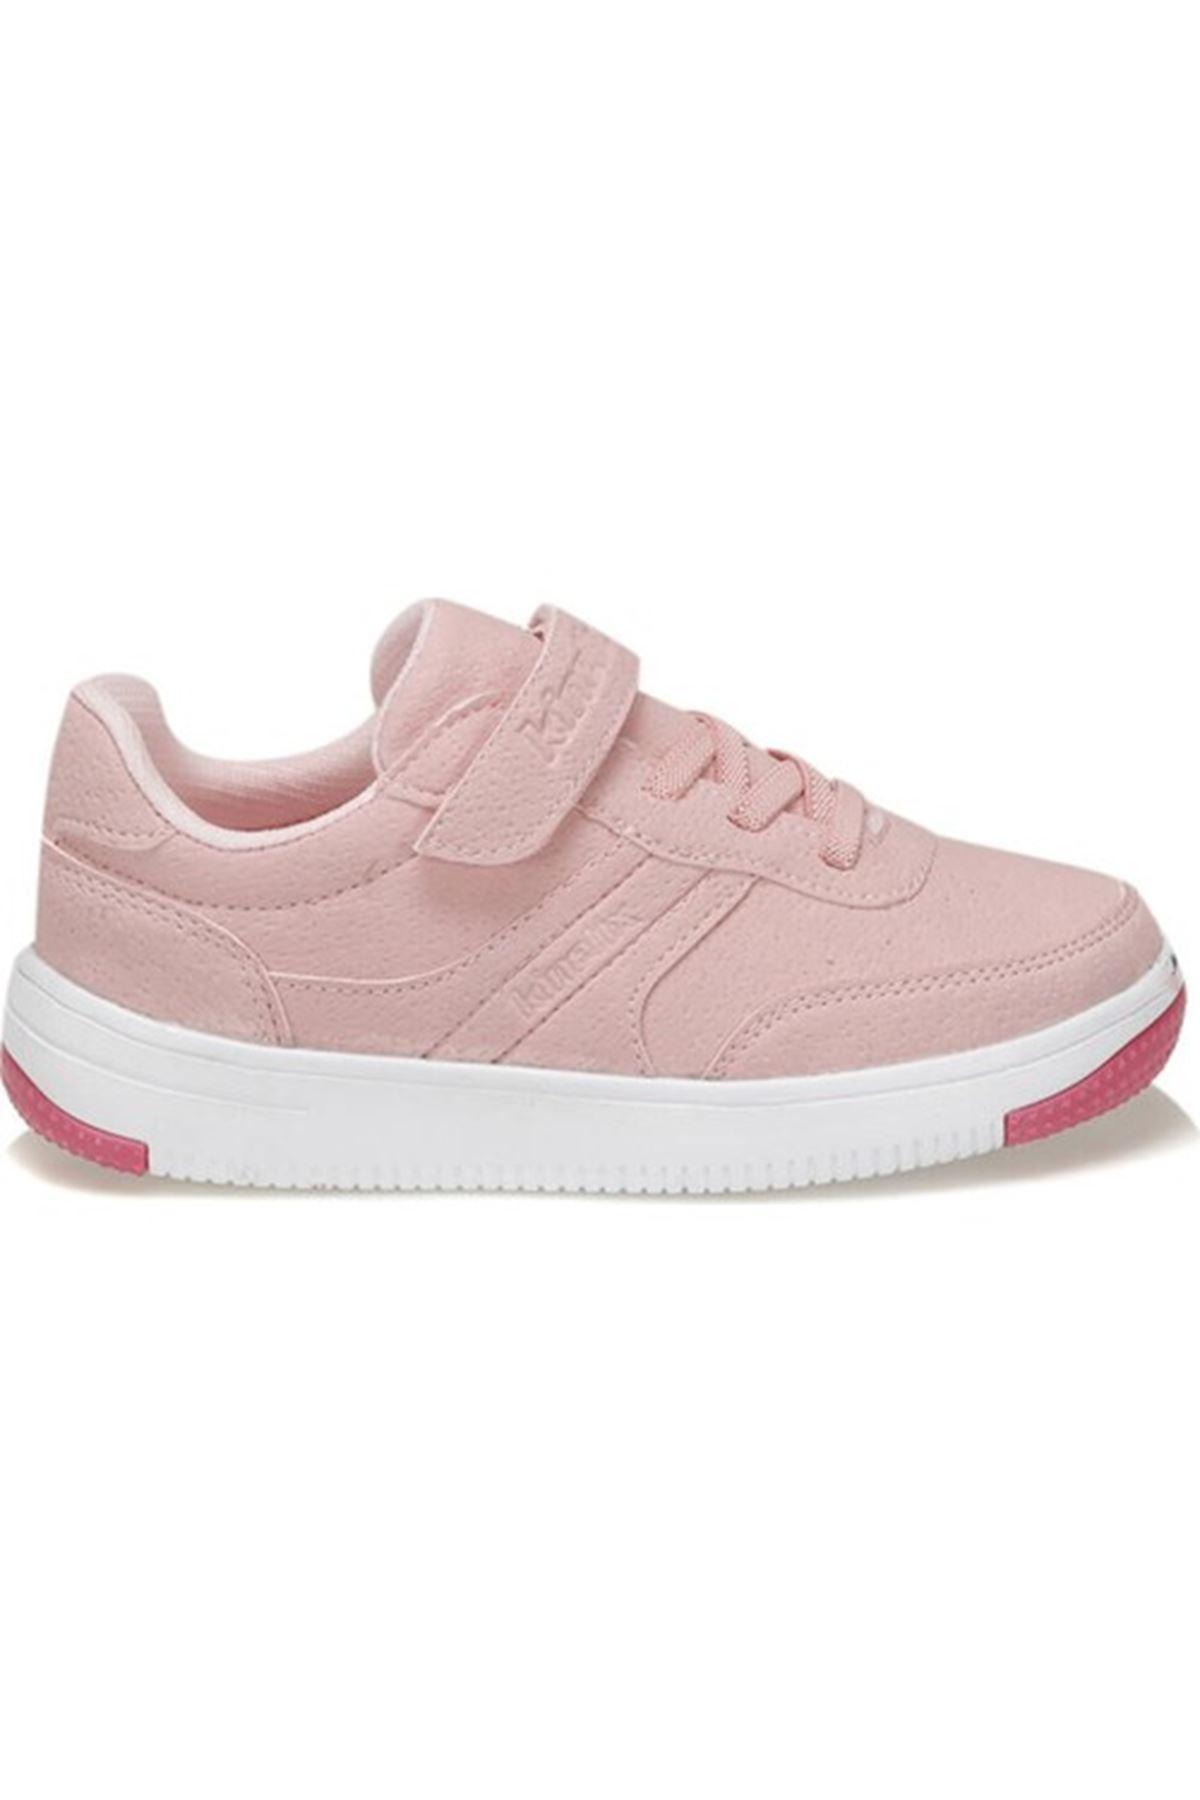 Kinetix Anatomik Pembe Kız Çocuk Sneaker Ayakkabı